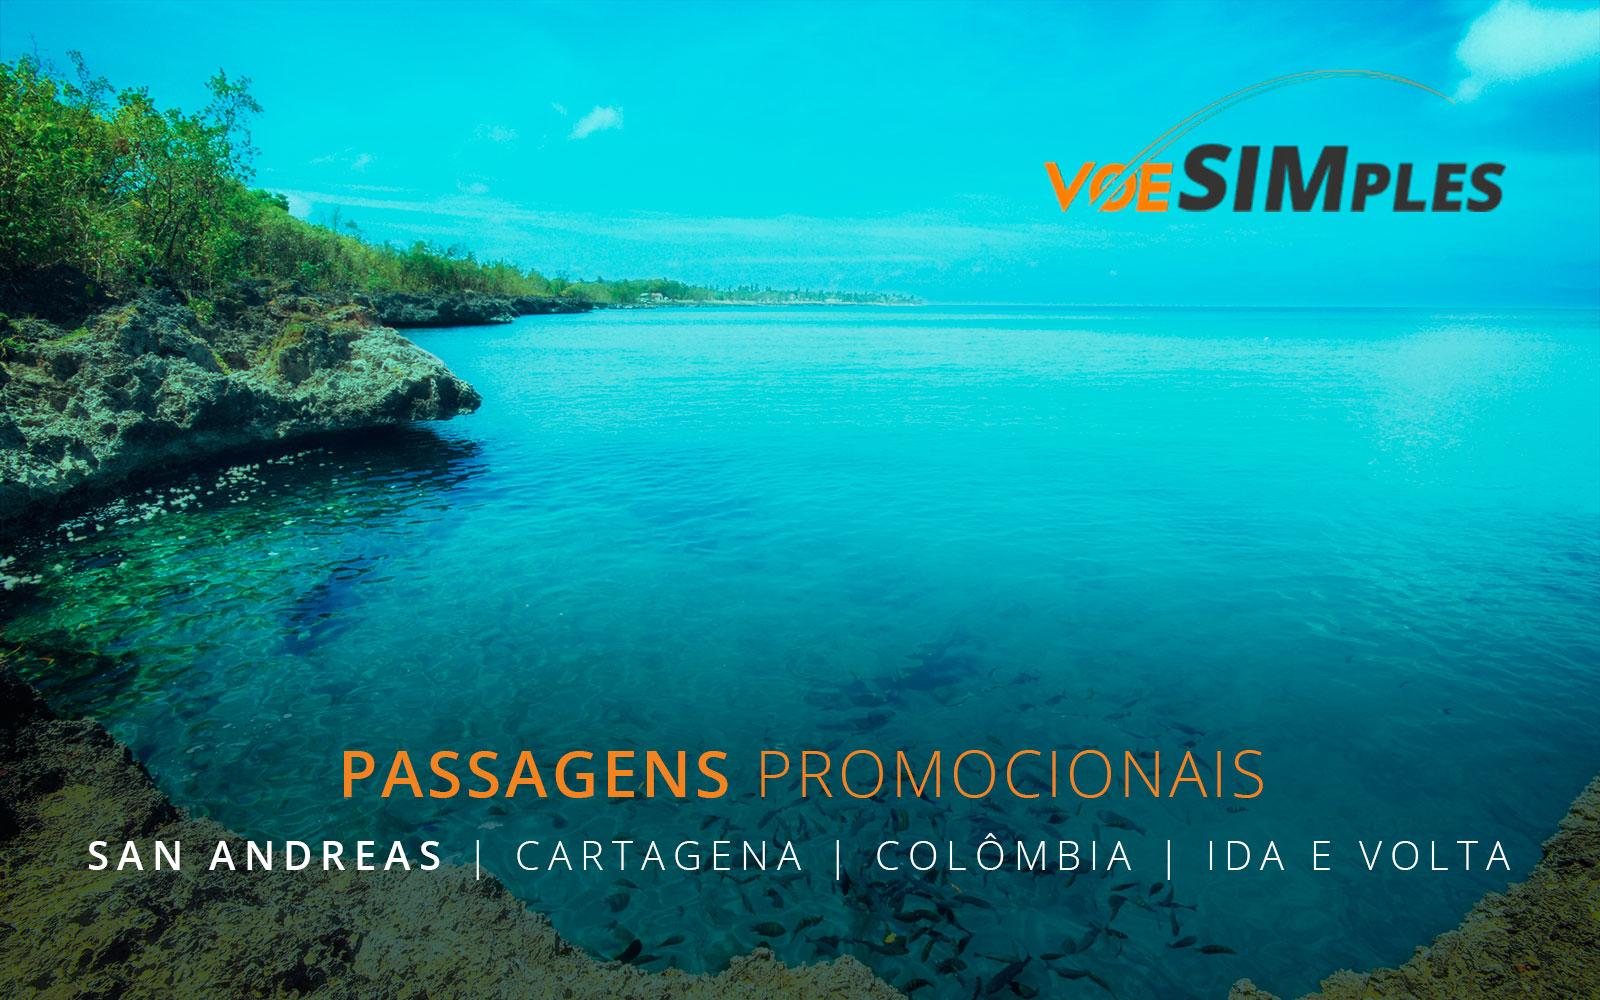 Passagens aéreas promocionais para Cartagena e San Andrés na Colômbia.